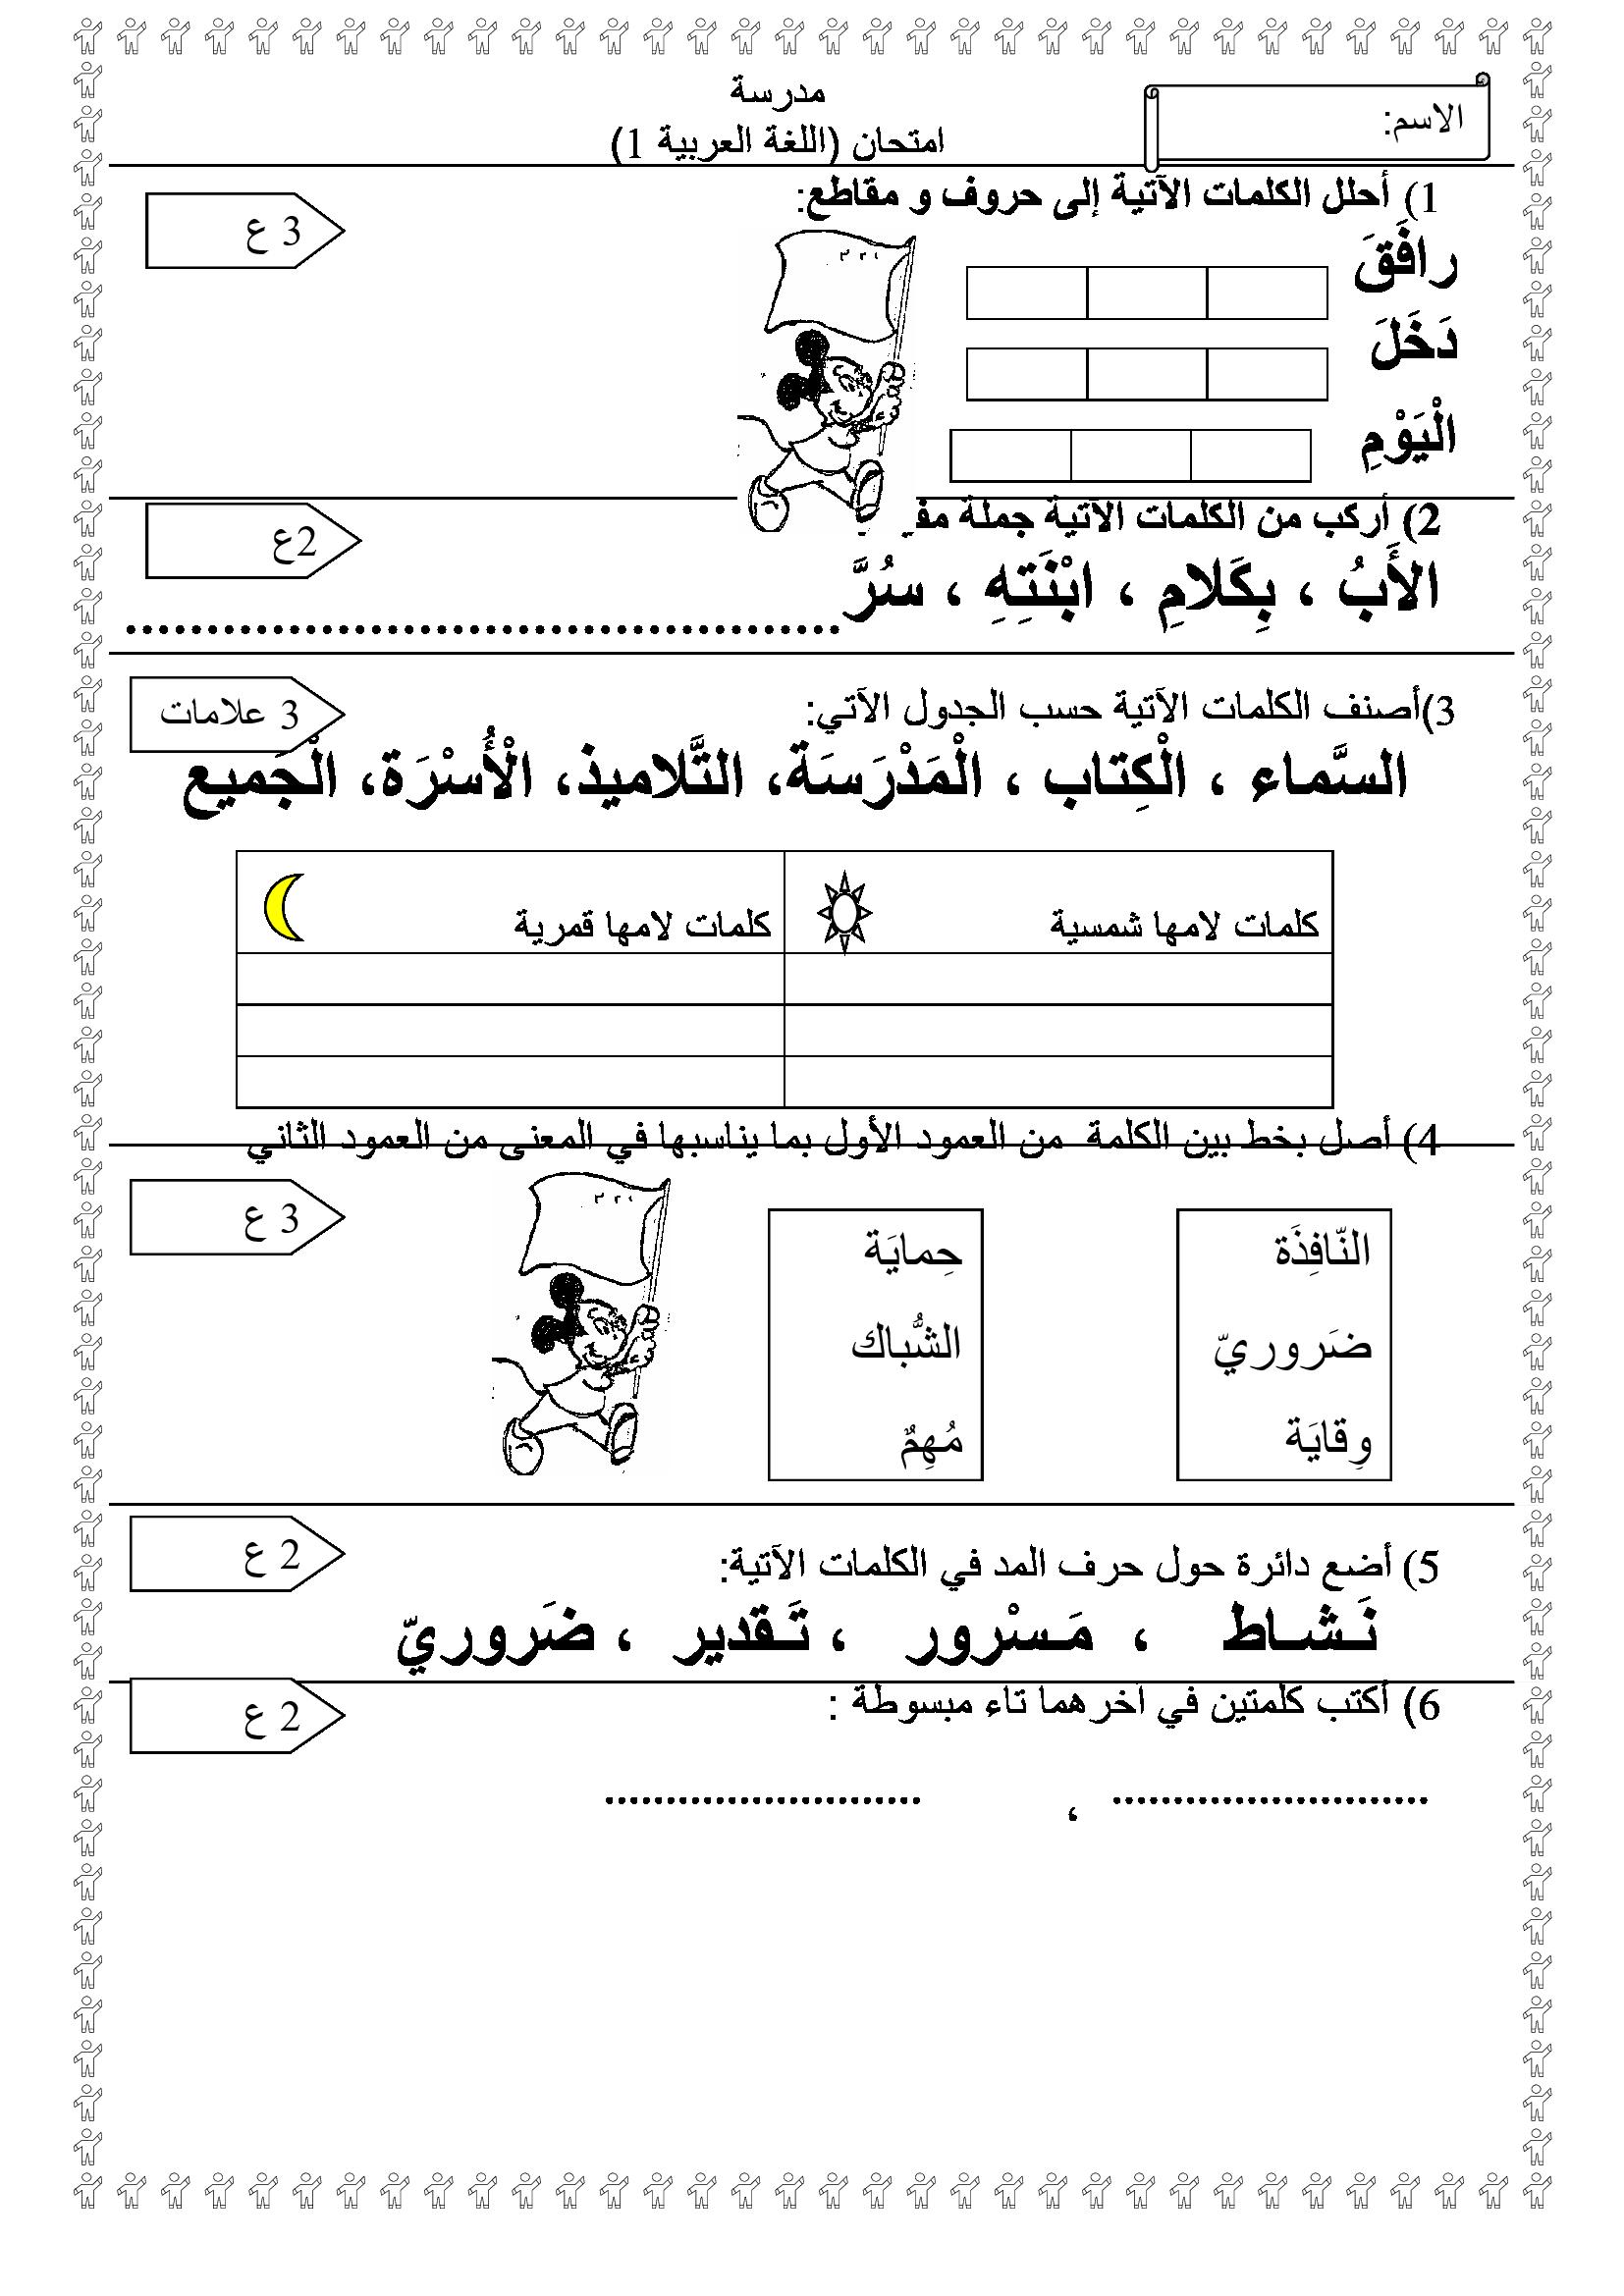 اختبار اللغة العربية الشهر الاول للصف الثاني الفصل الاول 2017